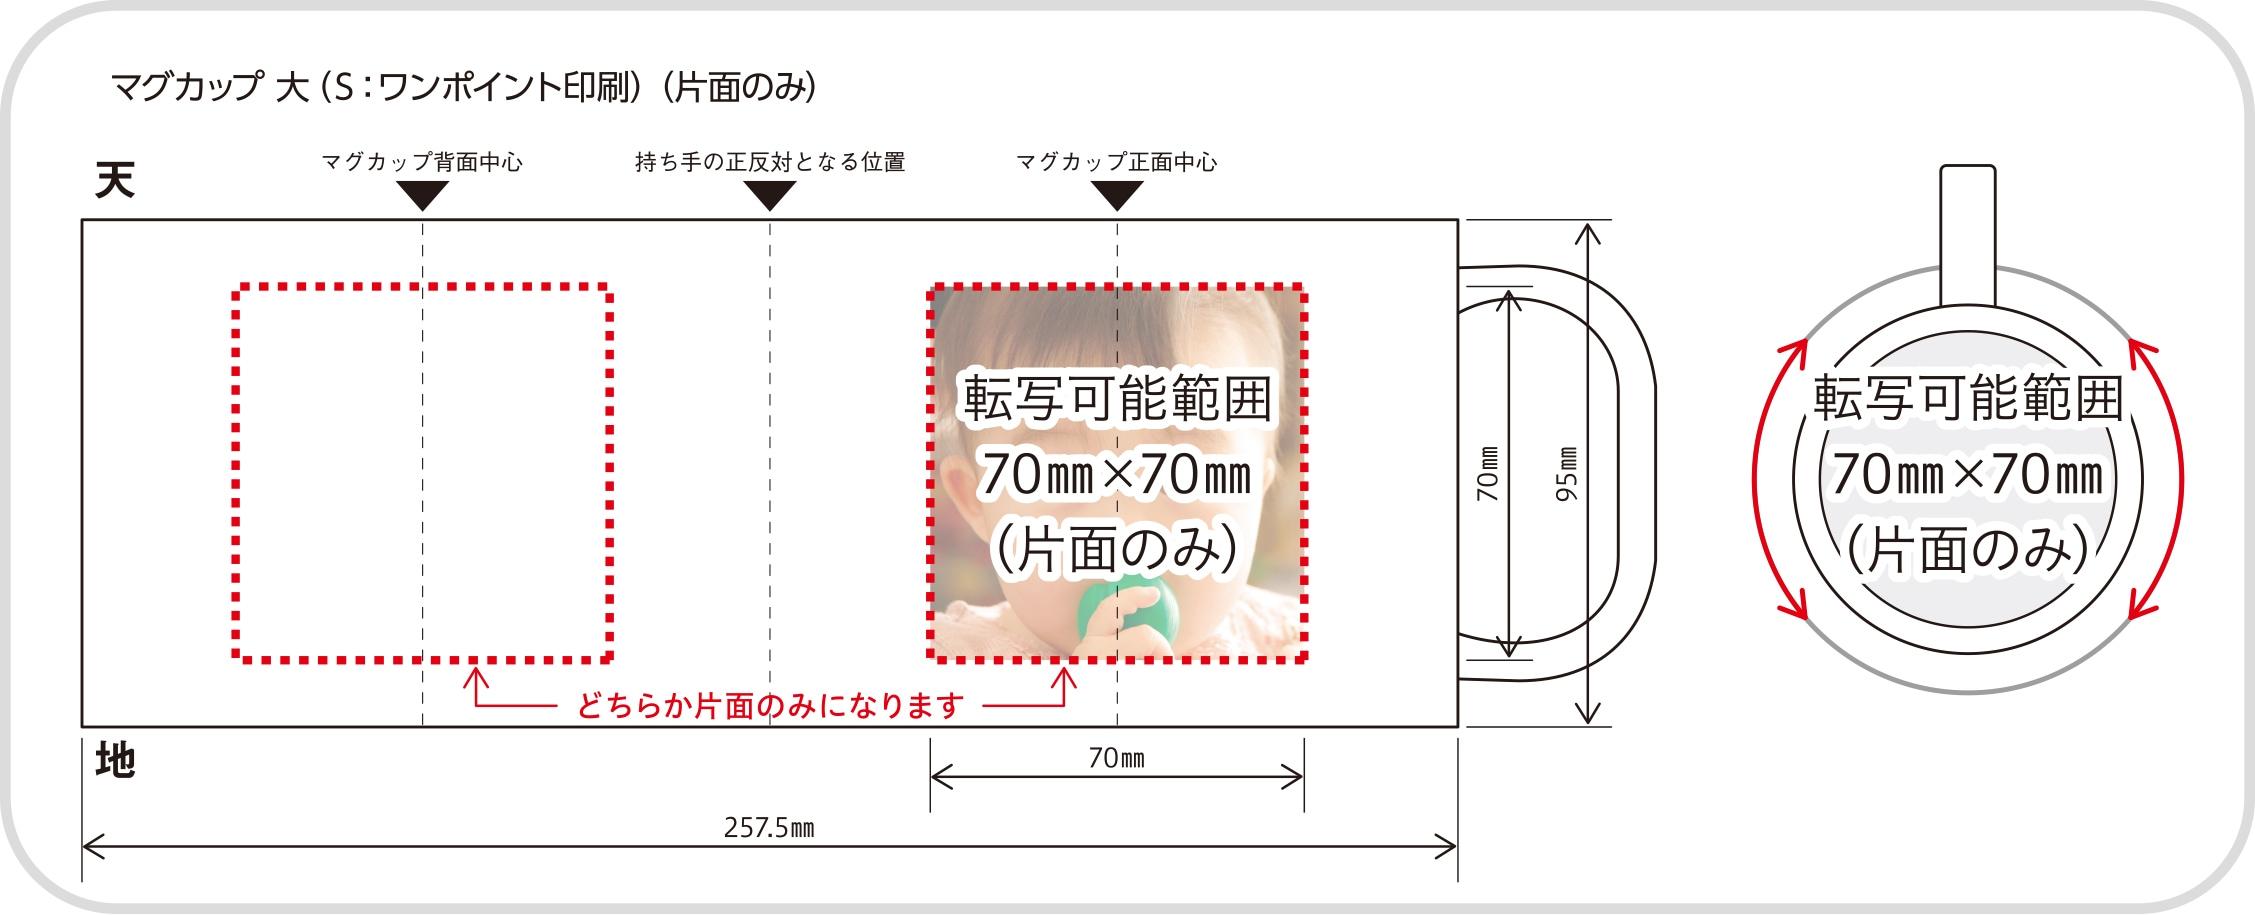 マグカップ大Sデザインテンプレート